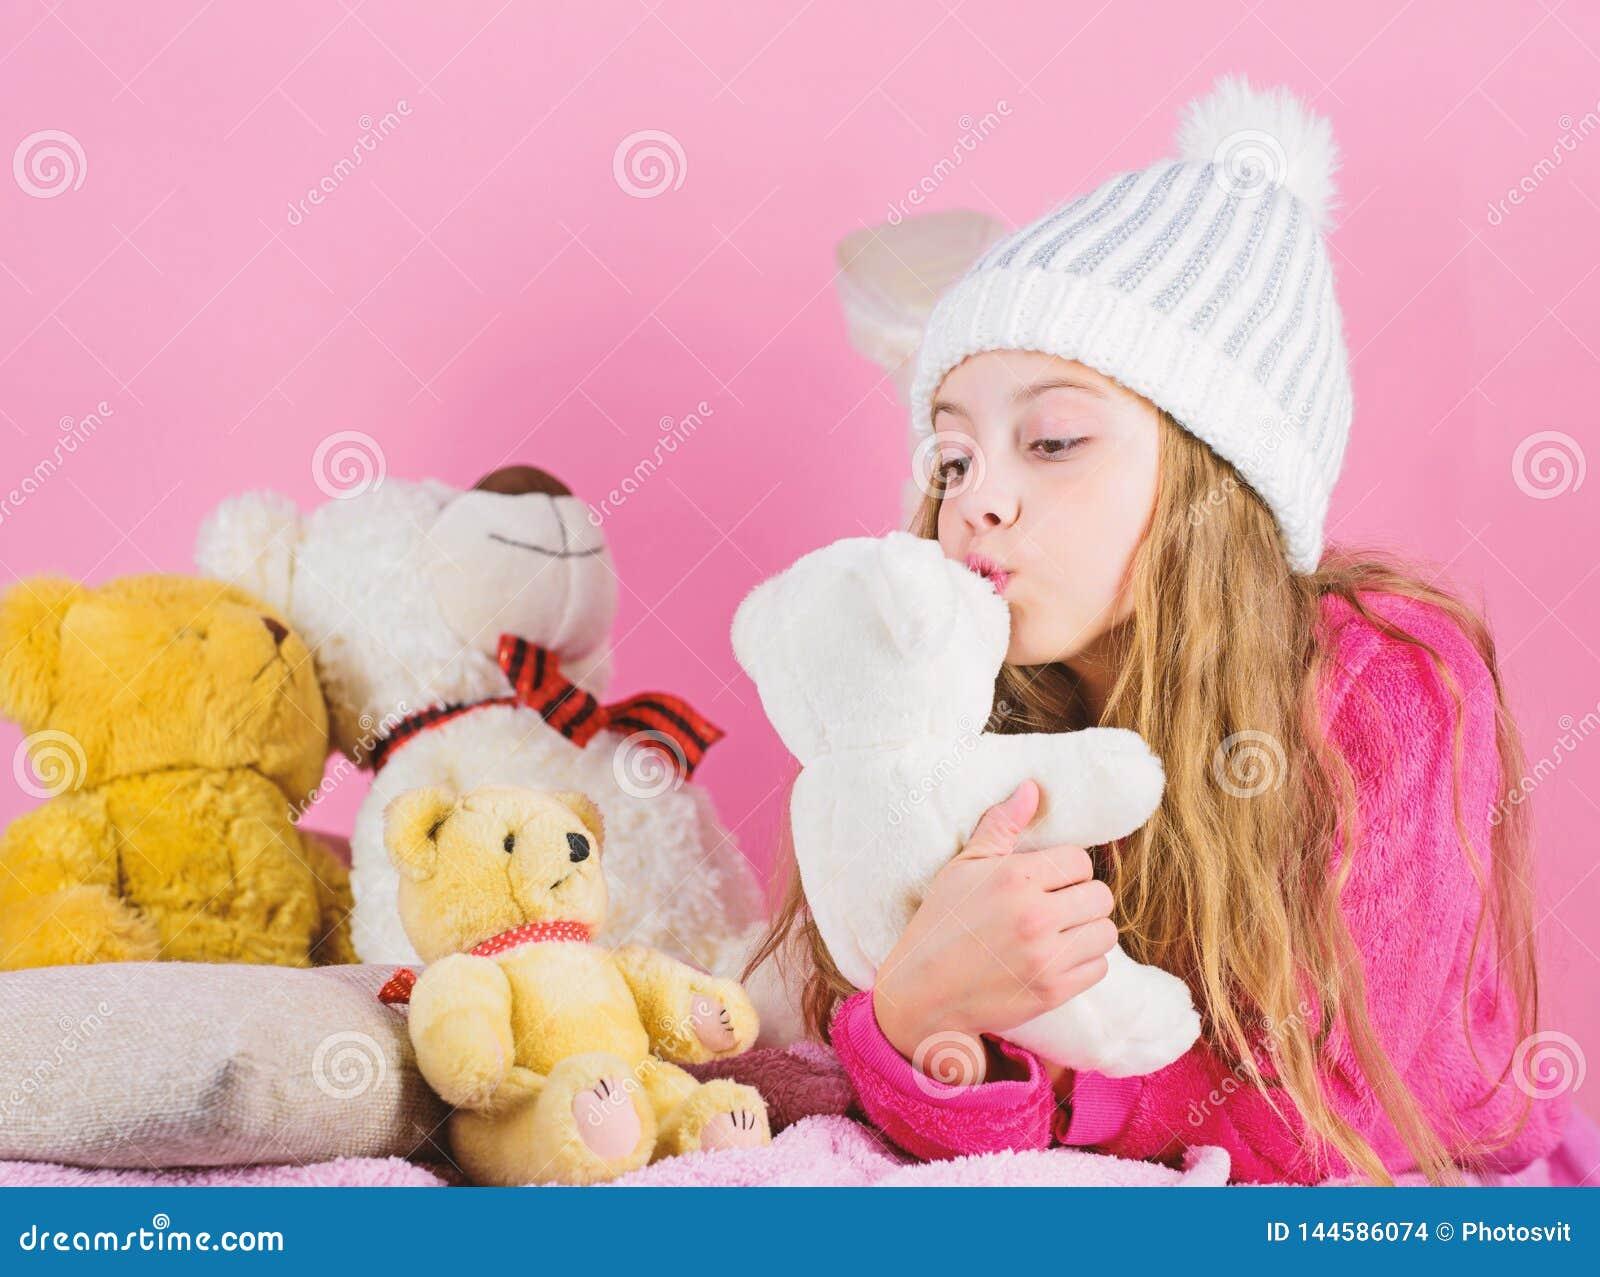 Spiel des Kinderkleinen Mädchens mit weichem Spielzeugteddybären betreffen rosa Hintergrund Teddybären helfen Kindern, Gefühle un